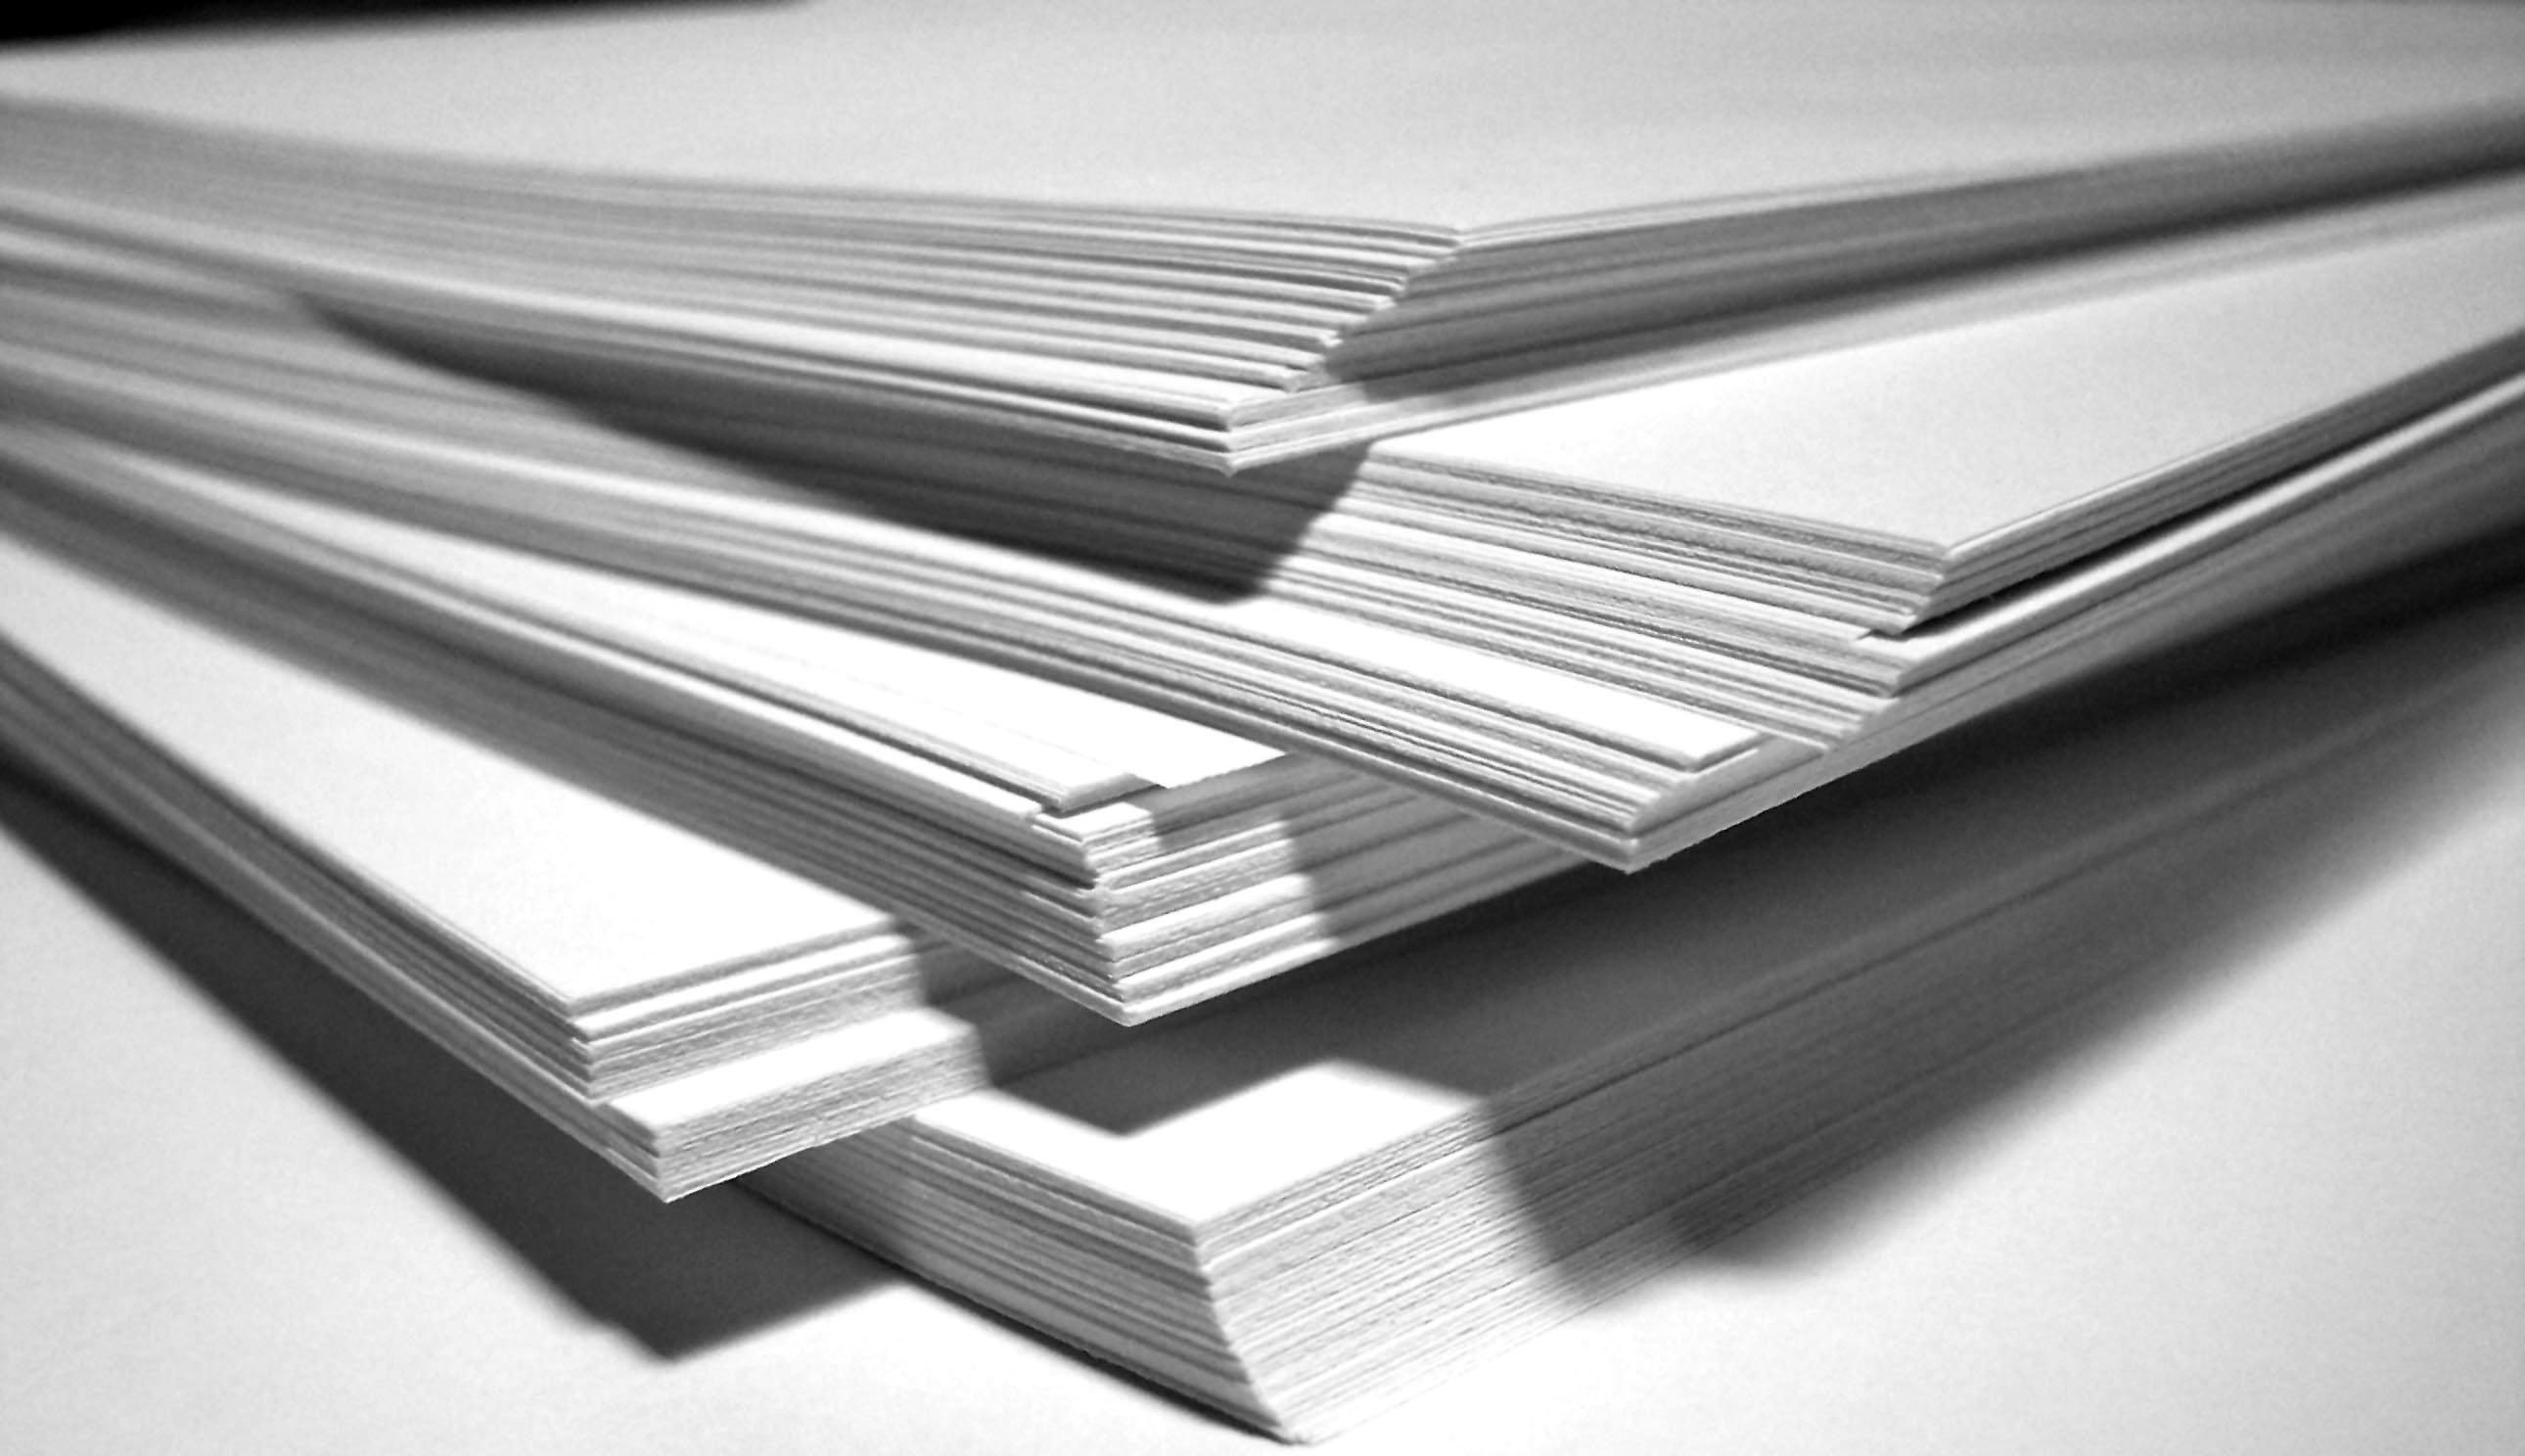 Проект по вывозу бумаги из офисов на переработку запустили в Москве